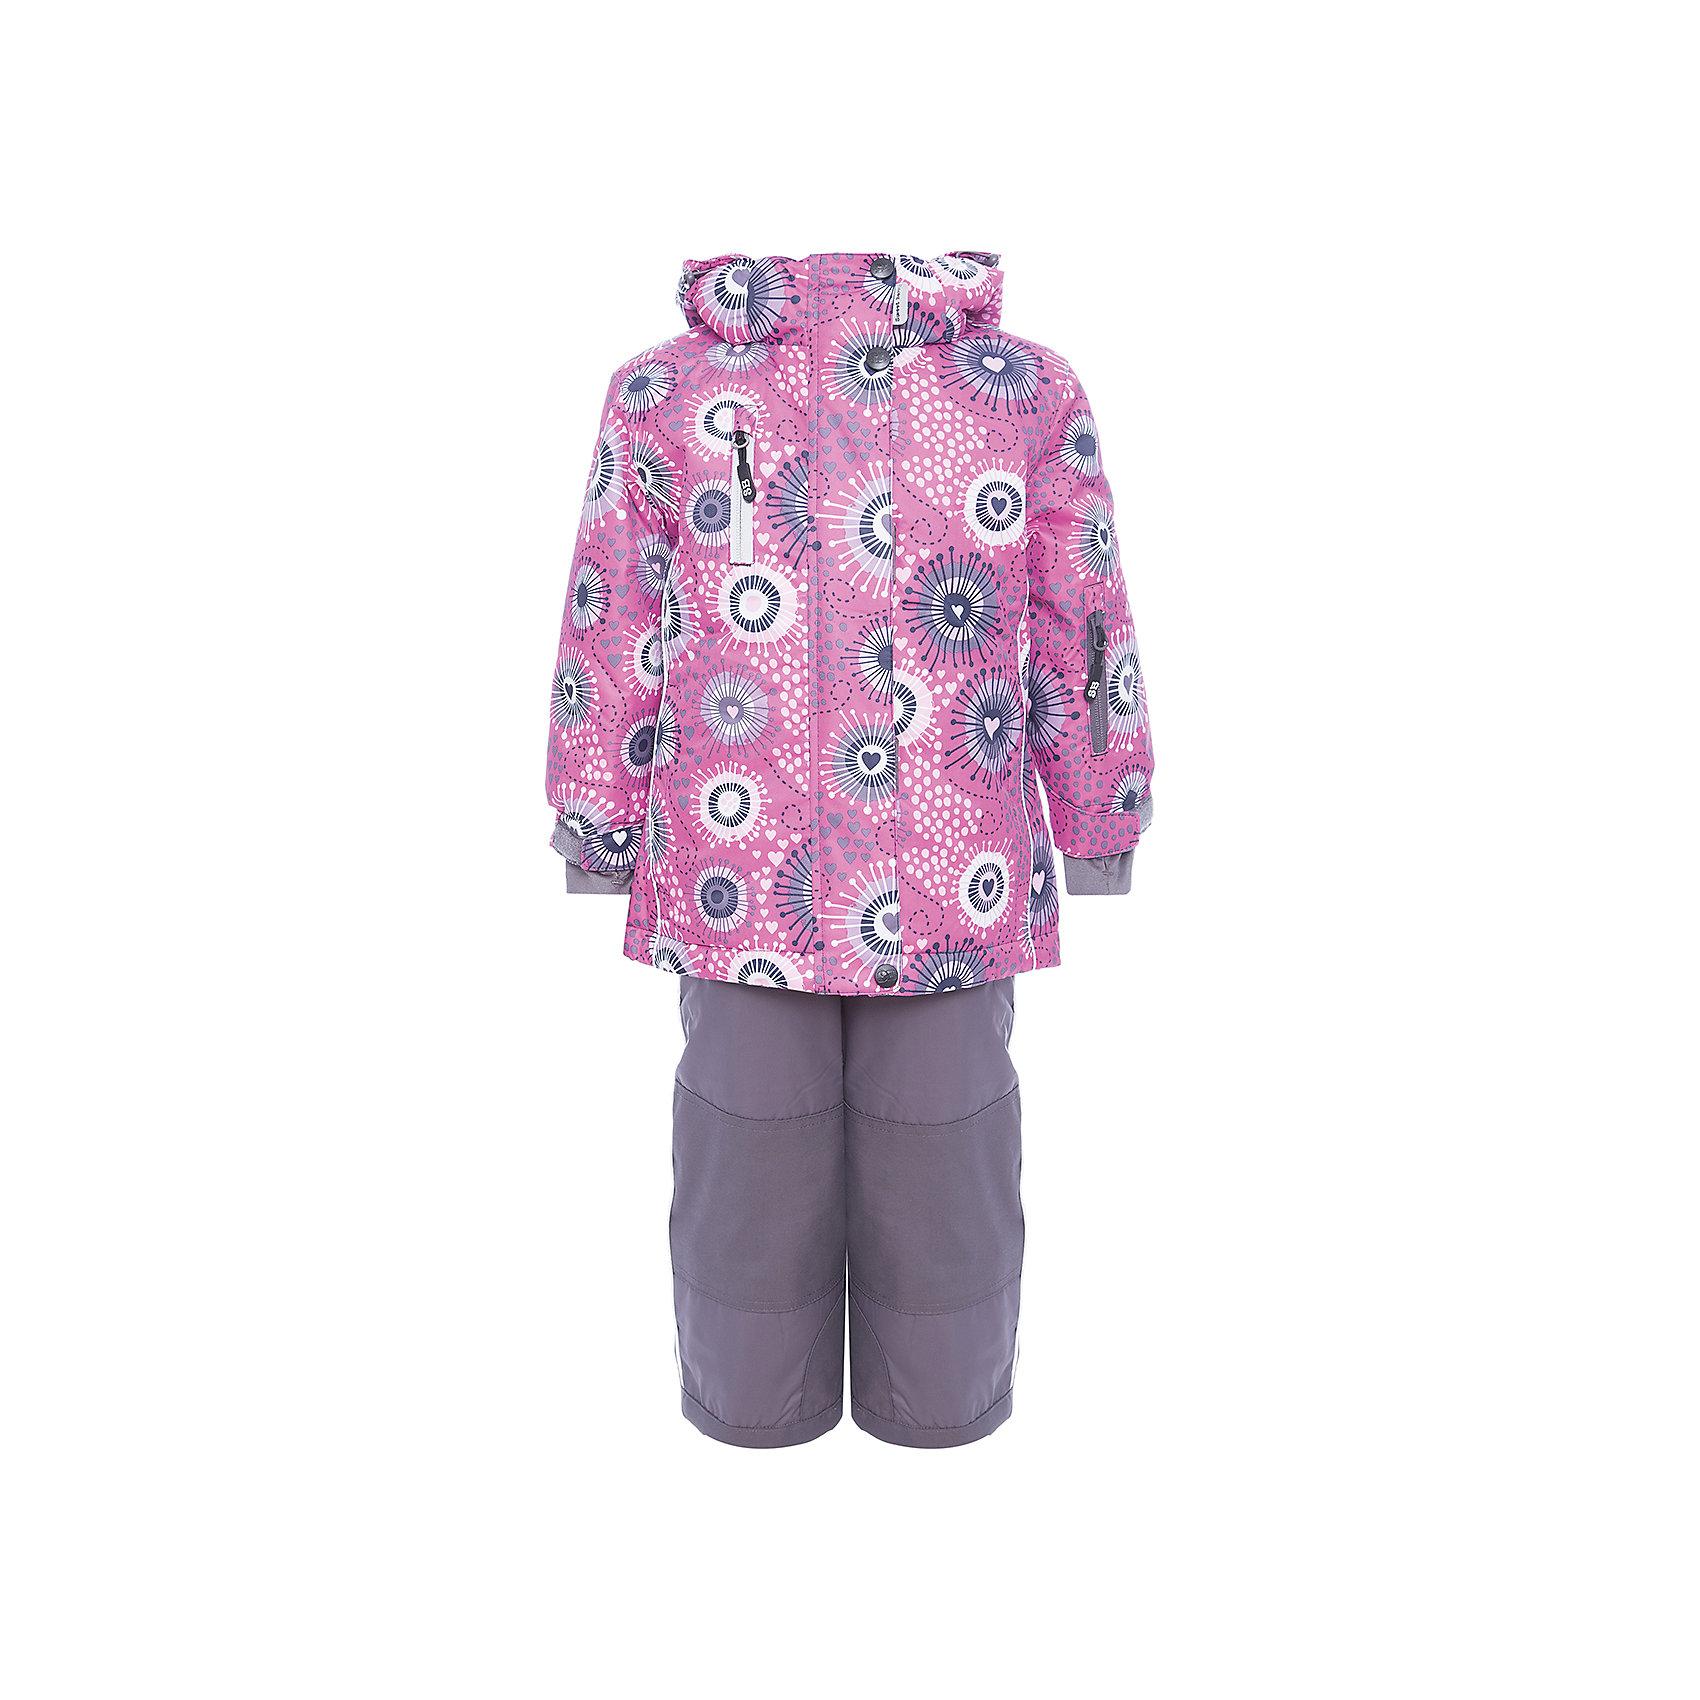 Комплект: куртка и полукомбинезон Sweet Berry для девочкиКомплекты<br>Комплект: куртка и полукомбинезон Sweet Berry для девочки<br>Комфортный и теплый костюм  для девочки из мембранной ткани. В конструкции учтены физиологические особенности малыша. Съемный капюшон на молниях с дополнительной утяжкой, спереди установлены две кнопки.  Рукава с манжетами, регулируются липучкой. На куртке два кармана, застегивающиеся на молнию. Застежка-молния с внешней ветрозащитной планкой. Брюки на регулируемых подтяжках гарантируют посадку по фигуре.  Колени, задняя поверхность бедер и низ брюк дополнительно усилены сверхпрочным материалом. Силиконовые отстегивающиеся штрипки на брючинах. Ткань верха: мембрана 5000мм/5000г/м2/24h, waterproof, водонепроницаемая с грязеотталкивающей пропиткой.<br>Пoдкладка: флис<br>Утеплитель: синтетический утеплитель 220 г/м? (куртка),<br>180 г/м? (рукава, п/комбинезон). Температурный режим: от -35 до +5 С<br>Состав:<br>Верх: куртка: 100%полиэстер, полукомбинезон:  100%нейлон.  Подкладка: 100%полиэстер. Наполнитель: 100%полиэстер<br><br>Ширина мм: 356<br>Глубина мм: 10<br>Высота мм: 245<br>Вес г: 519<br>Цвет: розовый<br>Возраст от месяцев: 60<br>Возраст до месяцев: 72<br>Пол: Женский<br>Возраст: Детский<br>Размер: 116,92,98,104,110<br>SKU: 7094602